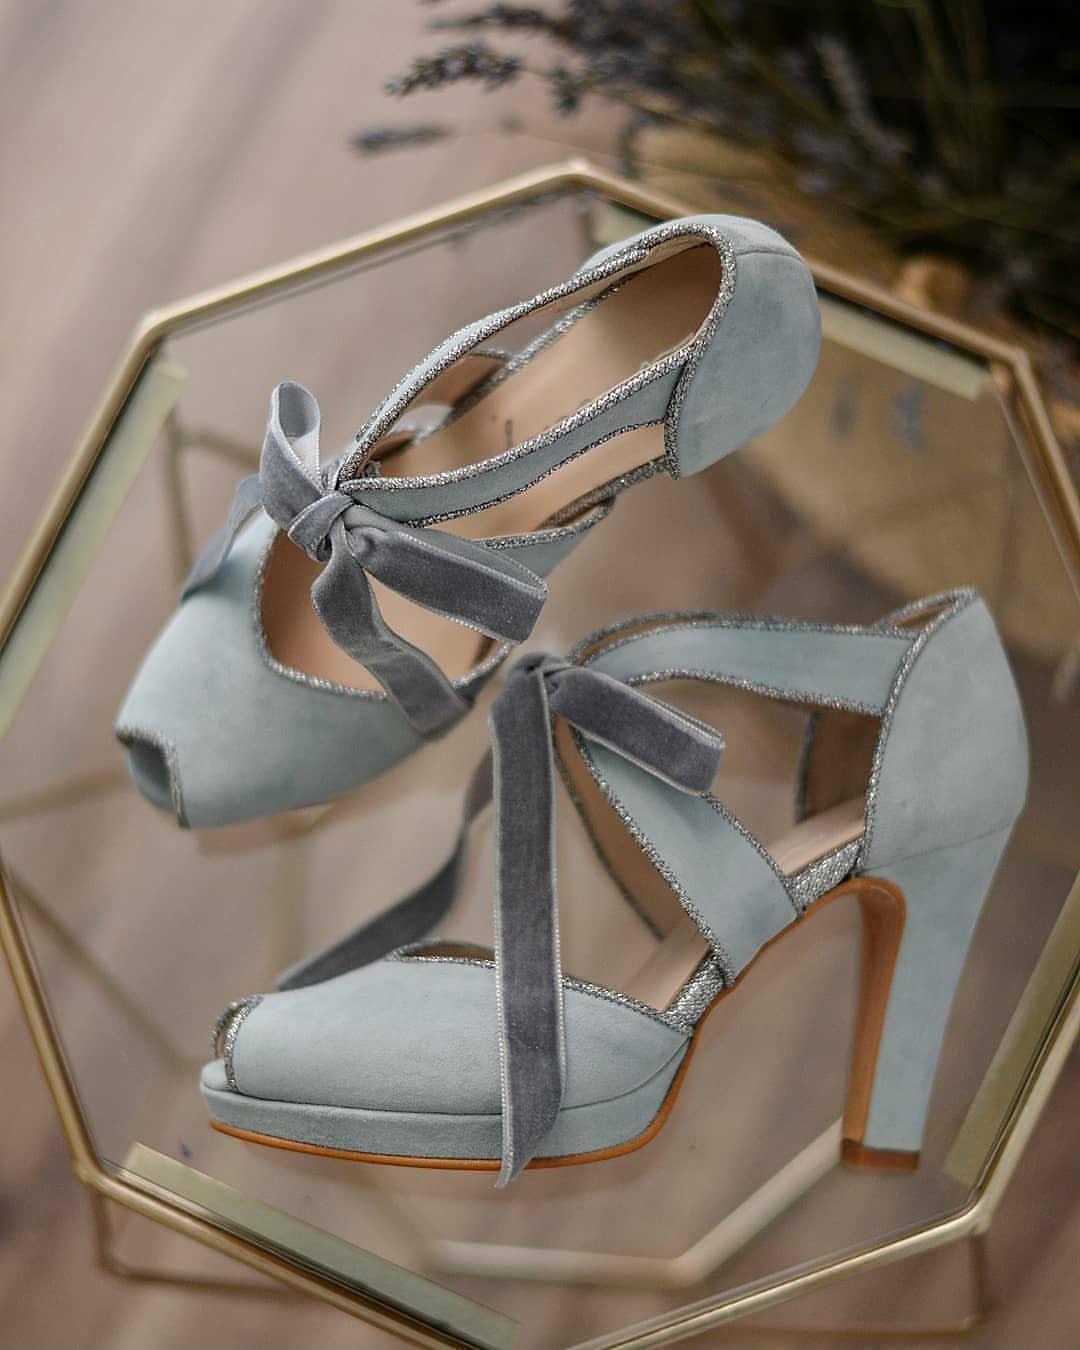 Lomashoes On Instagram Diseña Tus Zapatos Personalizados A La Carta Todos Los Días En Nuestra Tienda Zapatos De Boda Zapatos De Novia Zapatos Personalizados